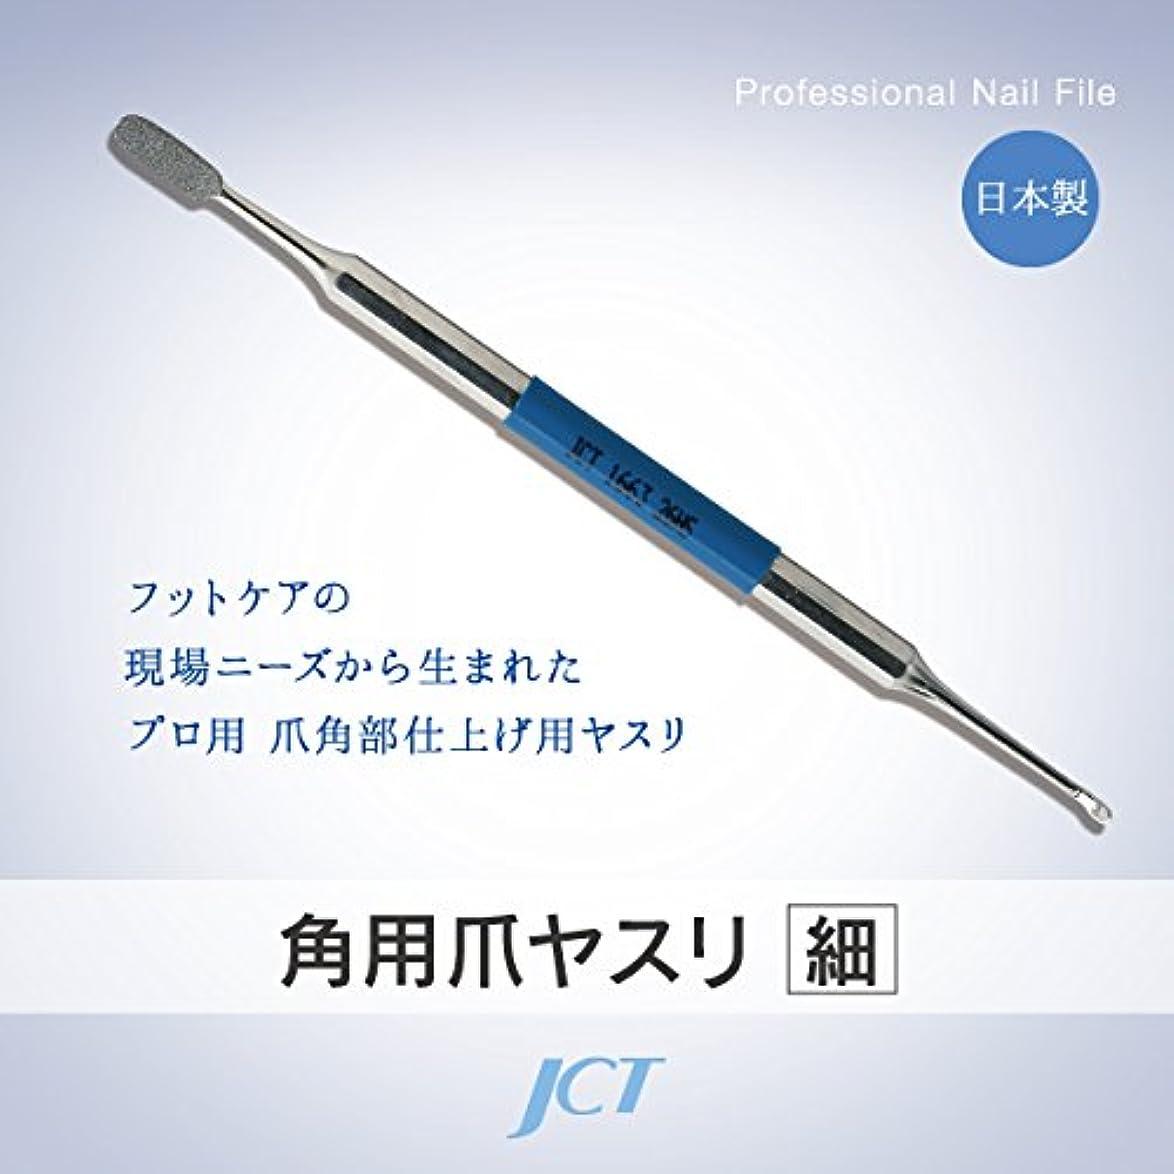 レキシコン拡声器切り刻むJCT メディカル フットケア ダイヤモンド角用爪ヤスリ(細) 滅菌可 日本製 1年間保証付